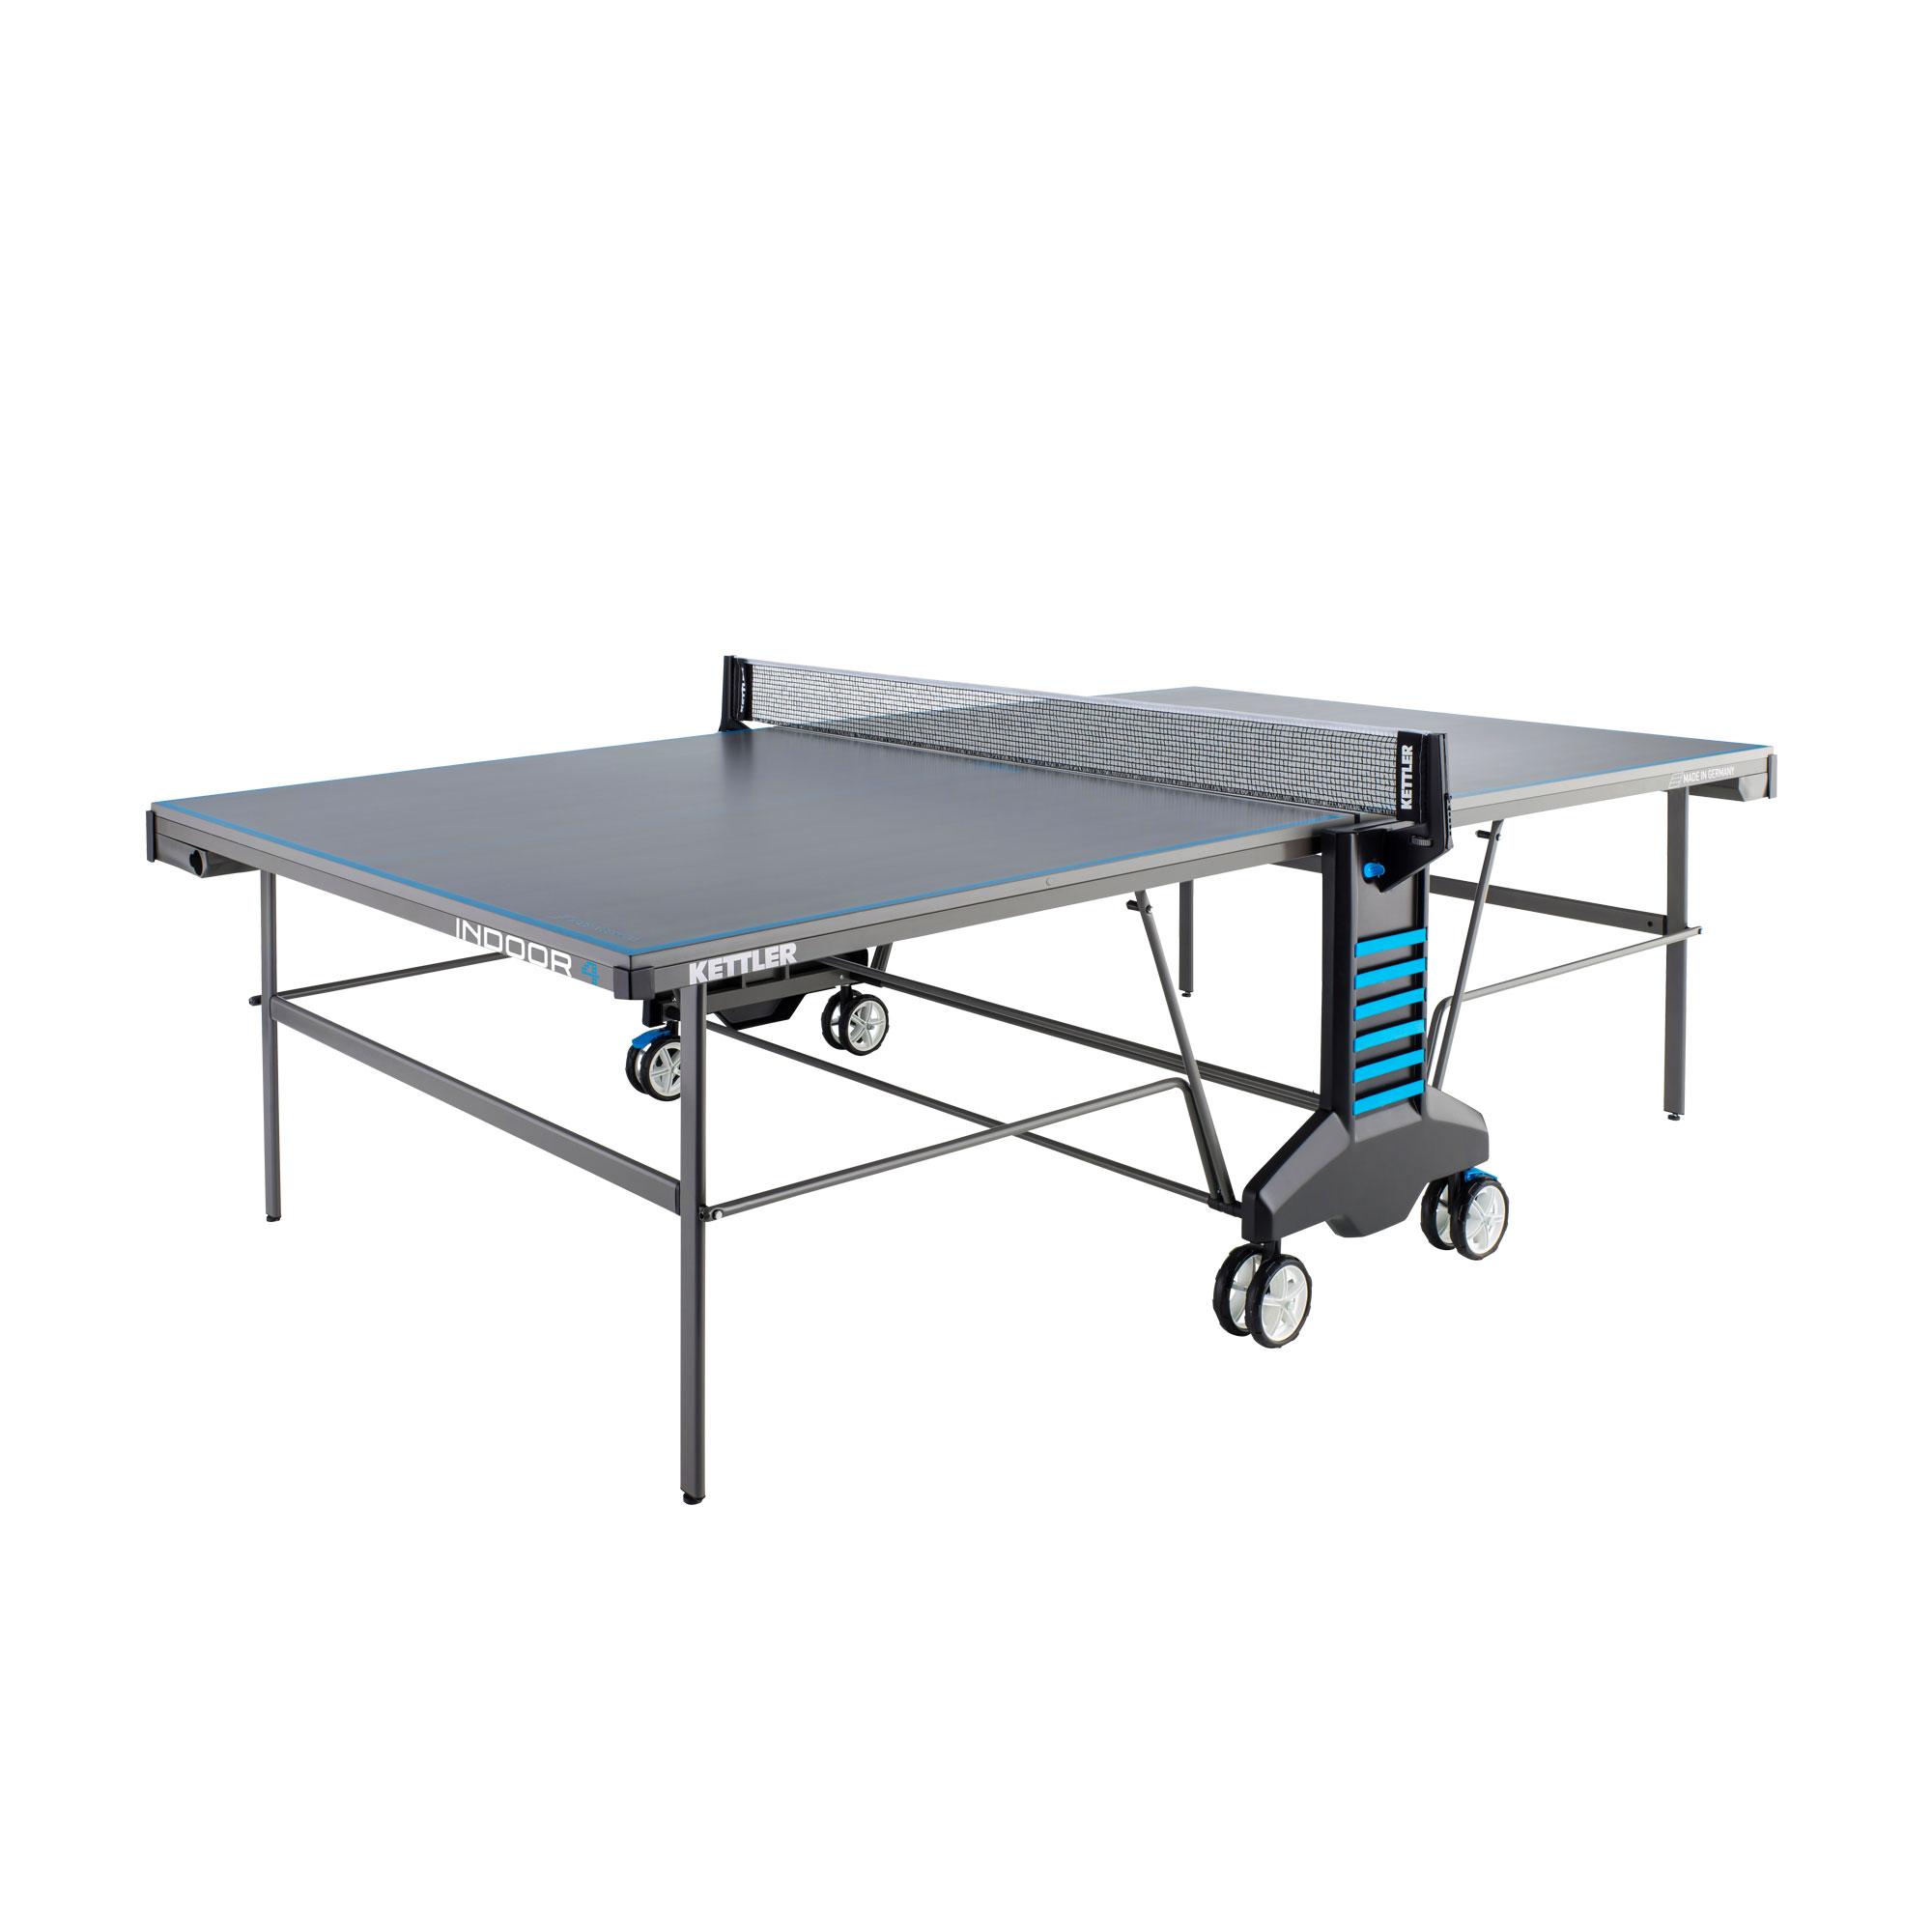 Pingpongový stůl KETTLER INDOOR 4 + zajištění servisu u Vás doma ZDARMA